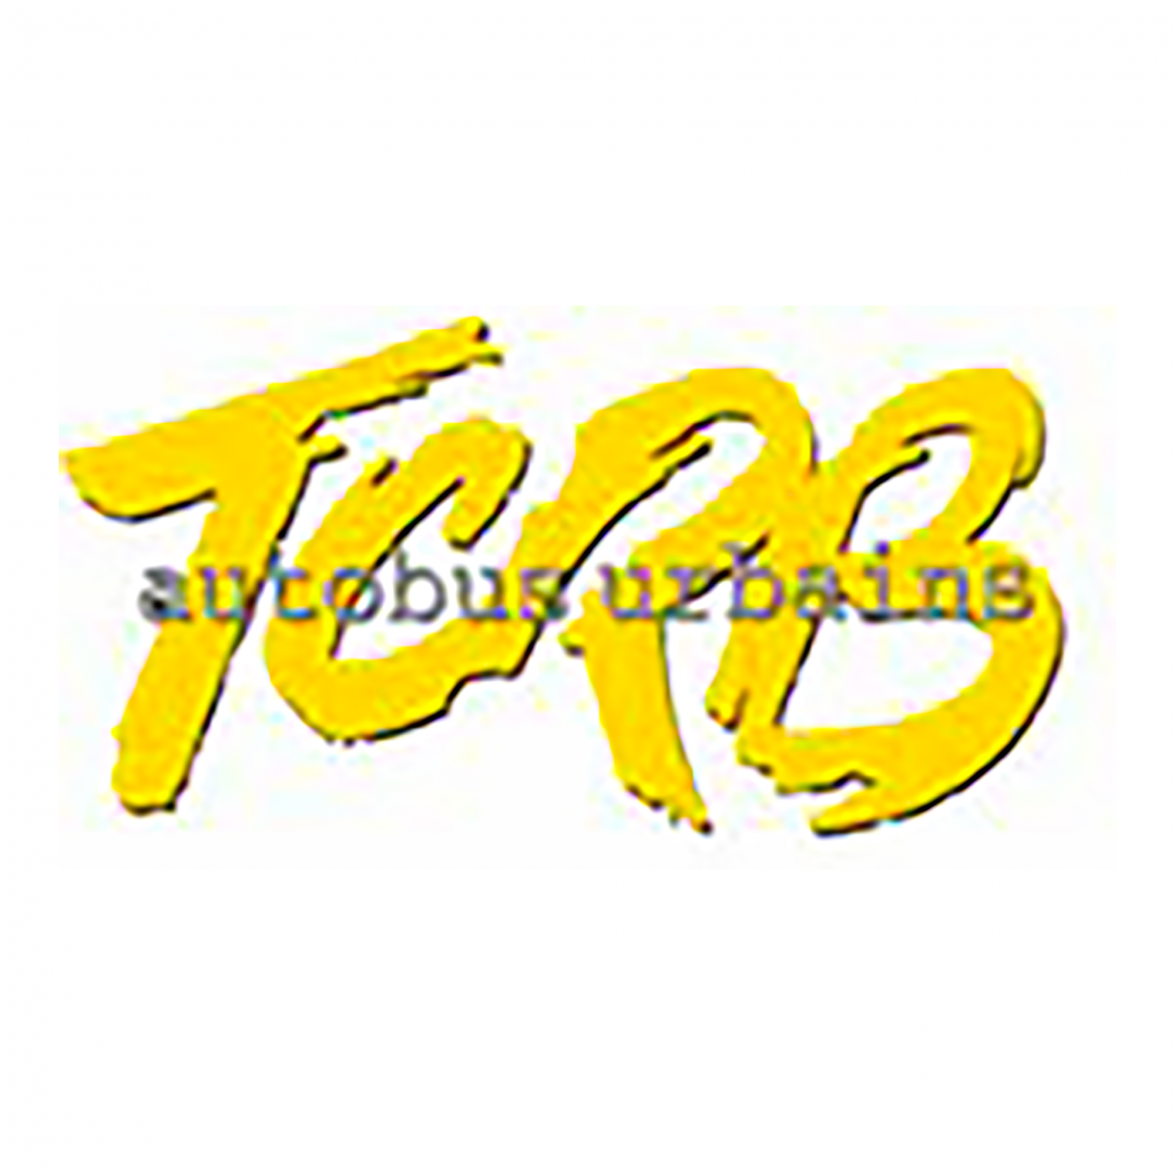 Angèle Von kiss - Mes clients - TCRB